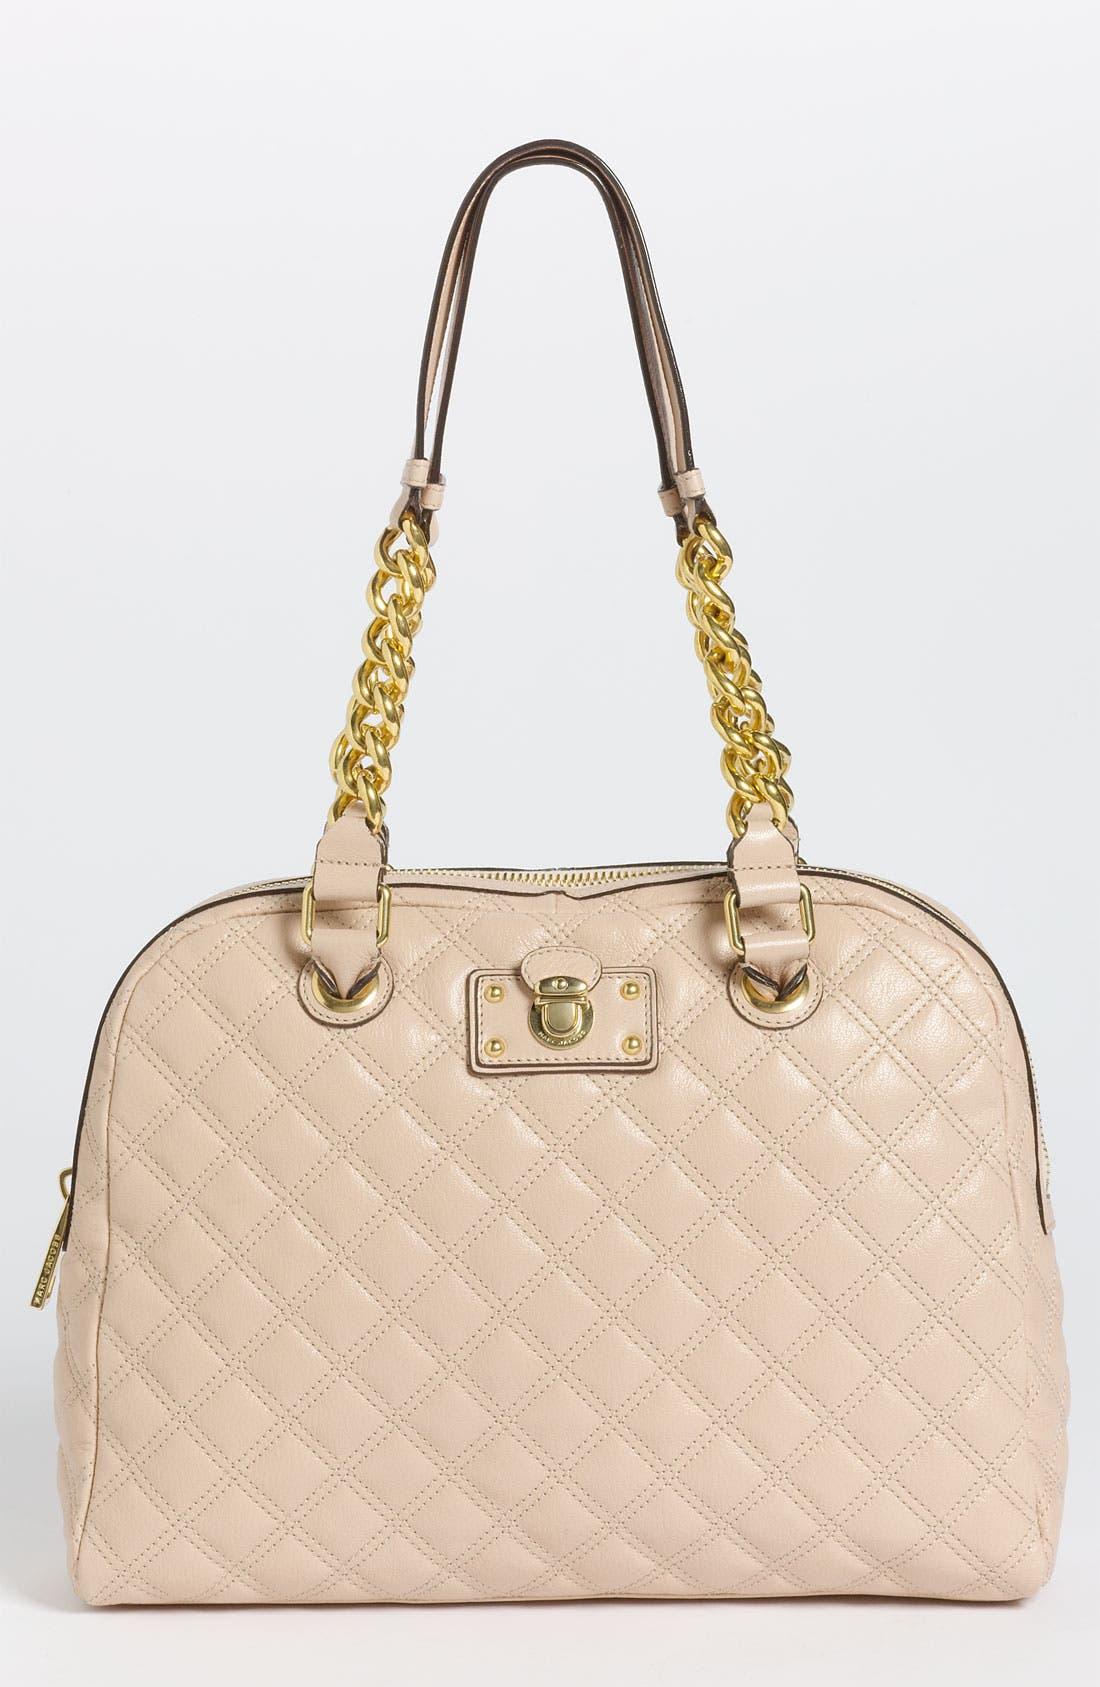 Alternate Image 1 Selected - MARC JACOBS 'Karlie' Leather Shoulder Bag